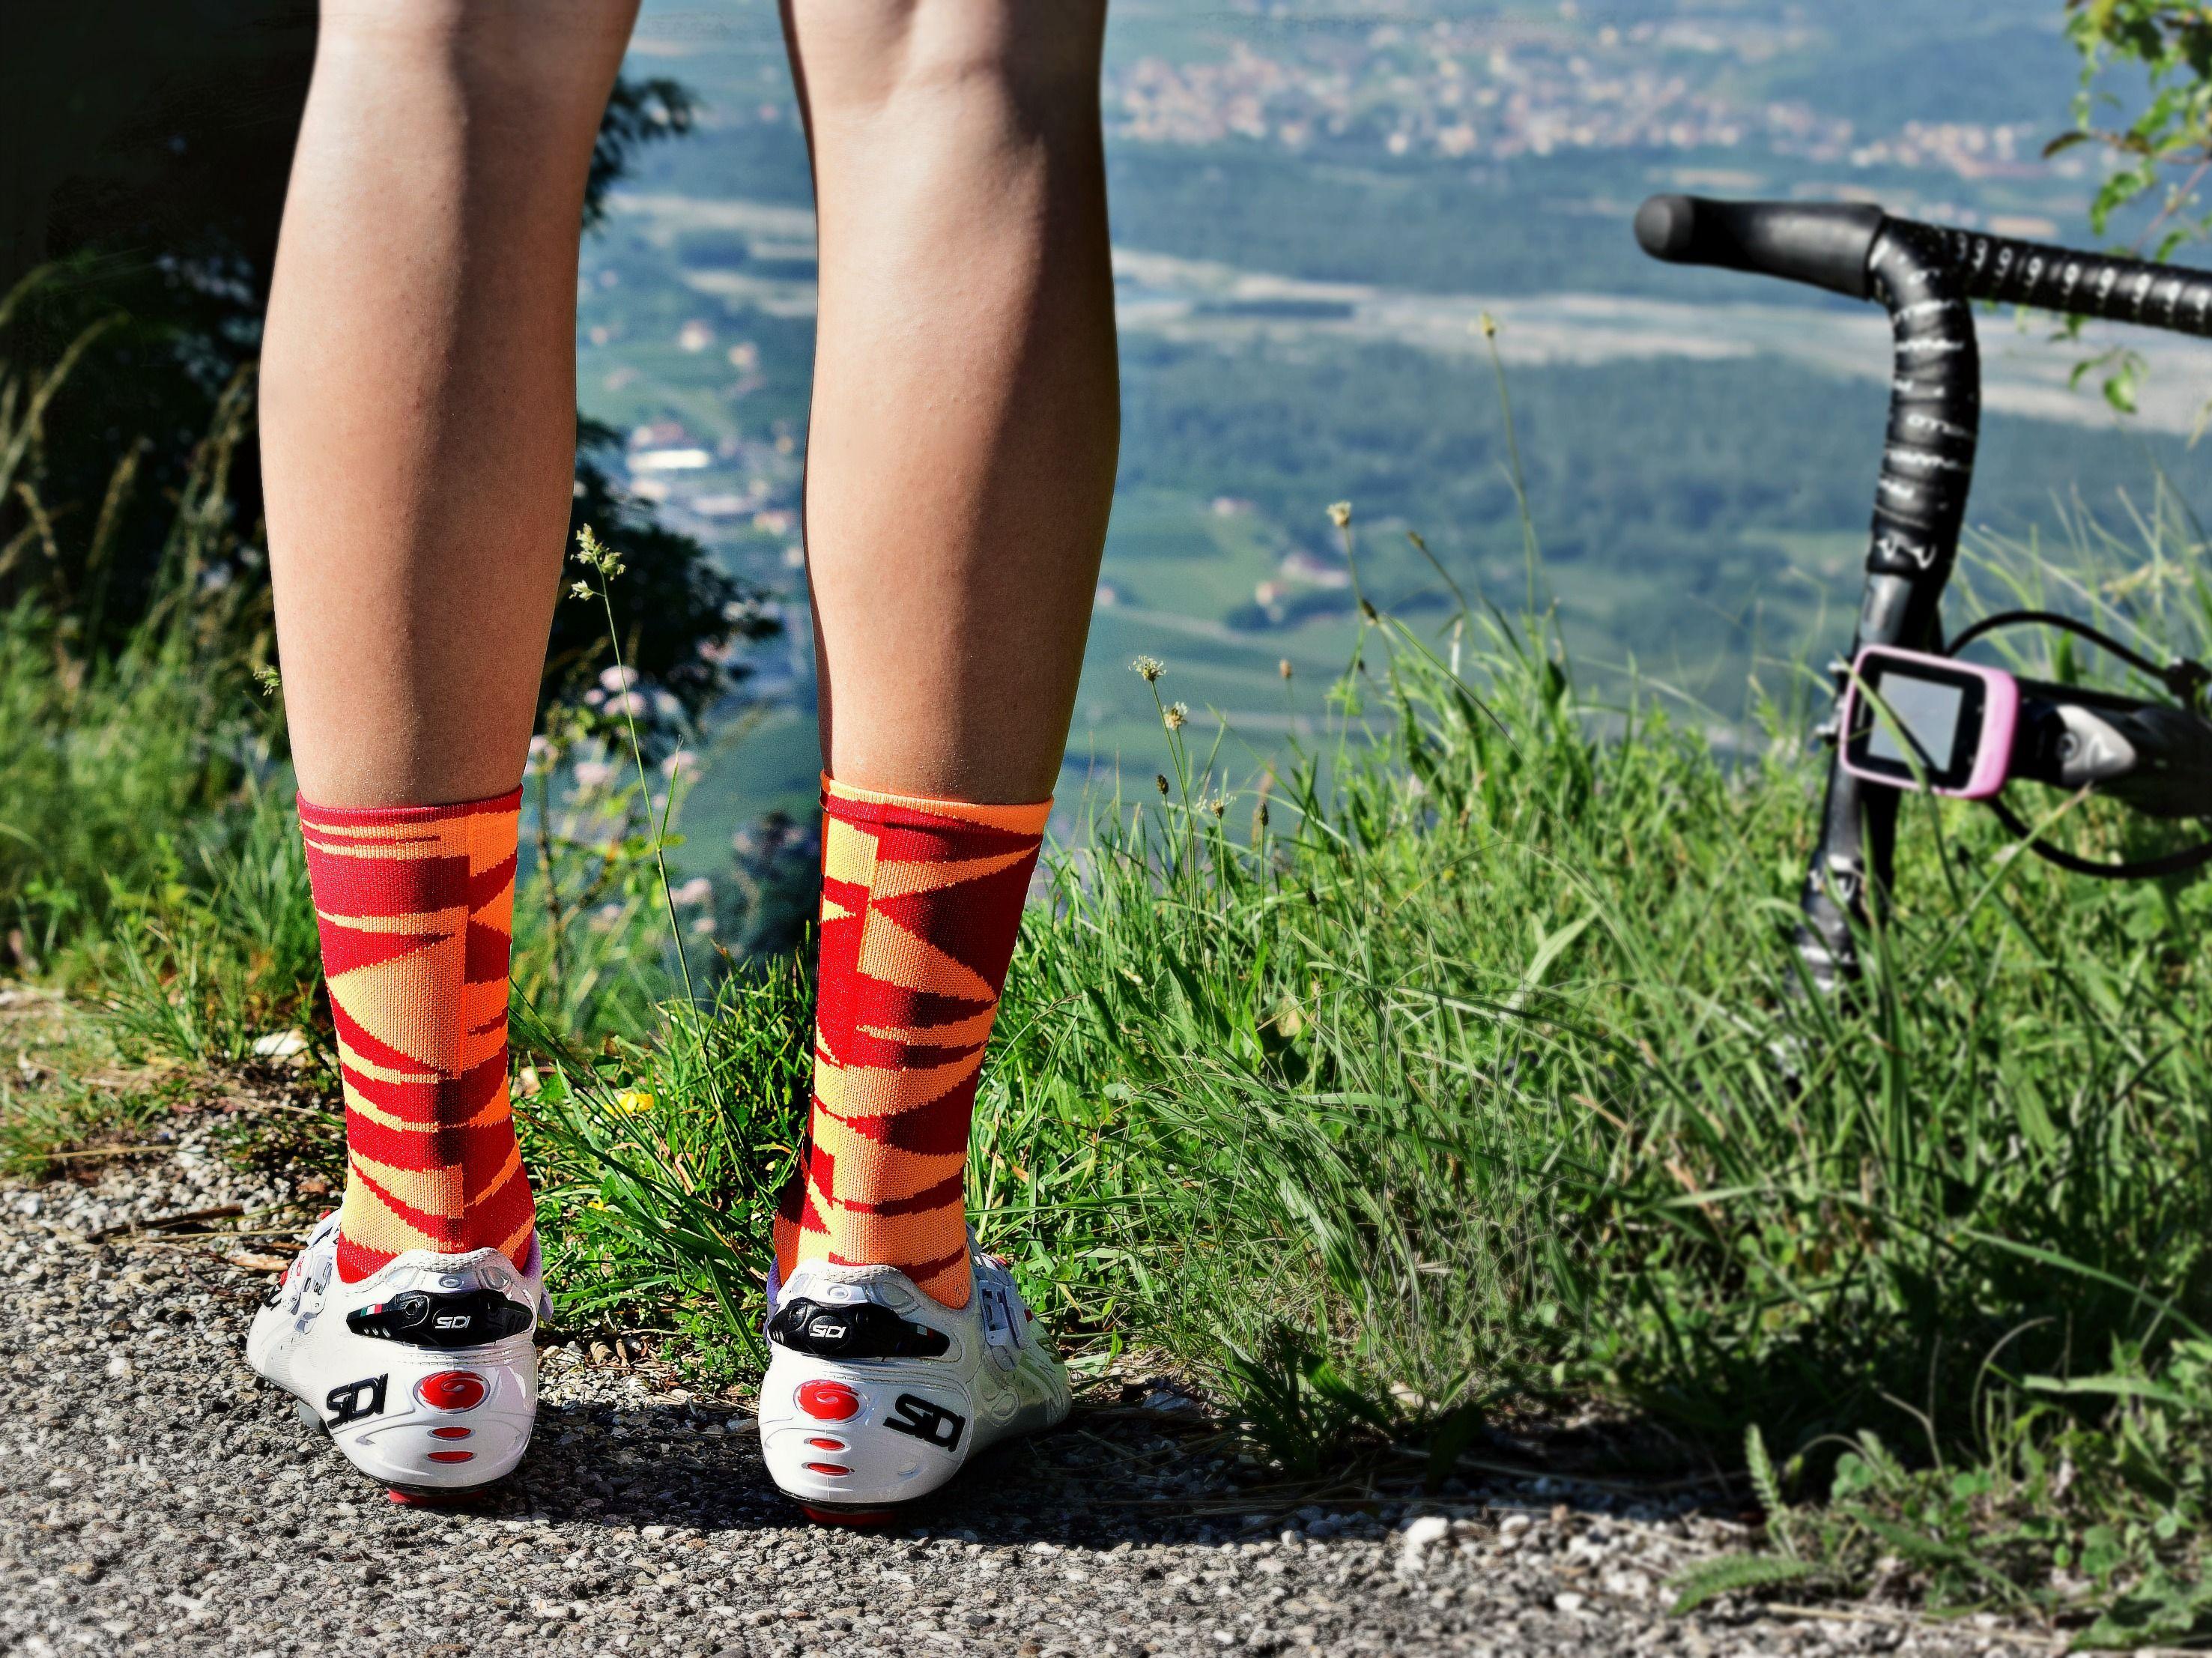 Watch - Cycling stylish socks video